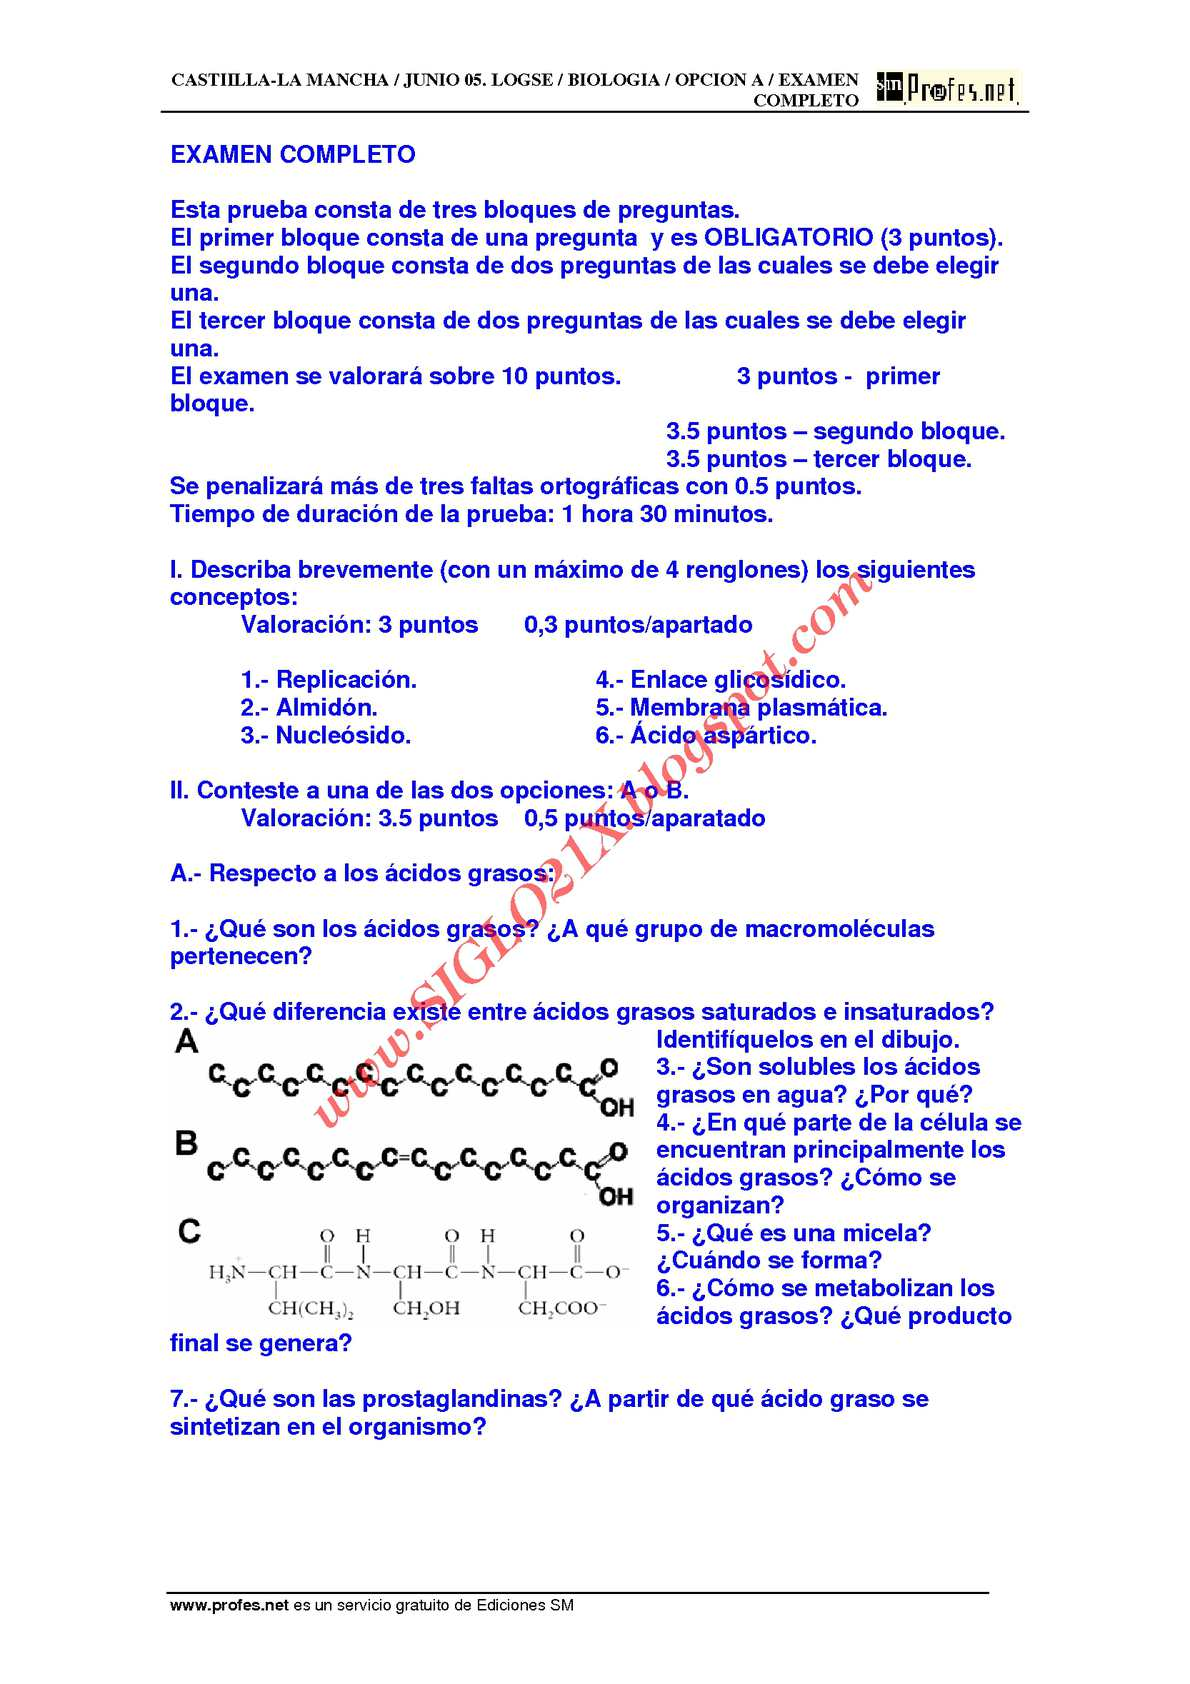 BIOLOGIA-SELECTIVIDAD-EXAMEN 3 RESUELTO- CASTILLA-LA MANCHA-www.SIGLO21X.blogspot.com